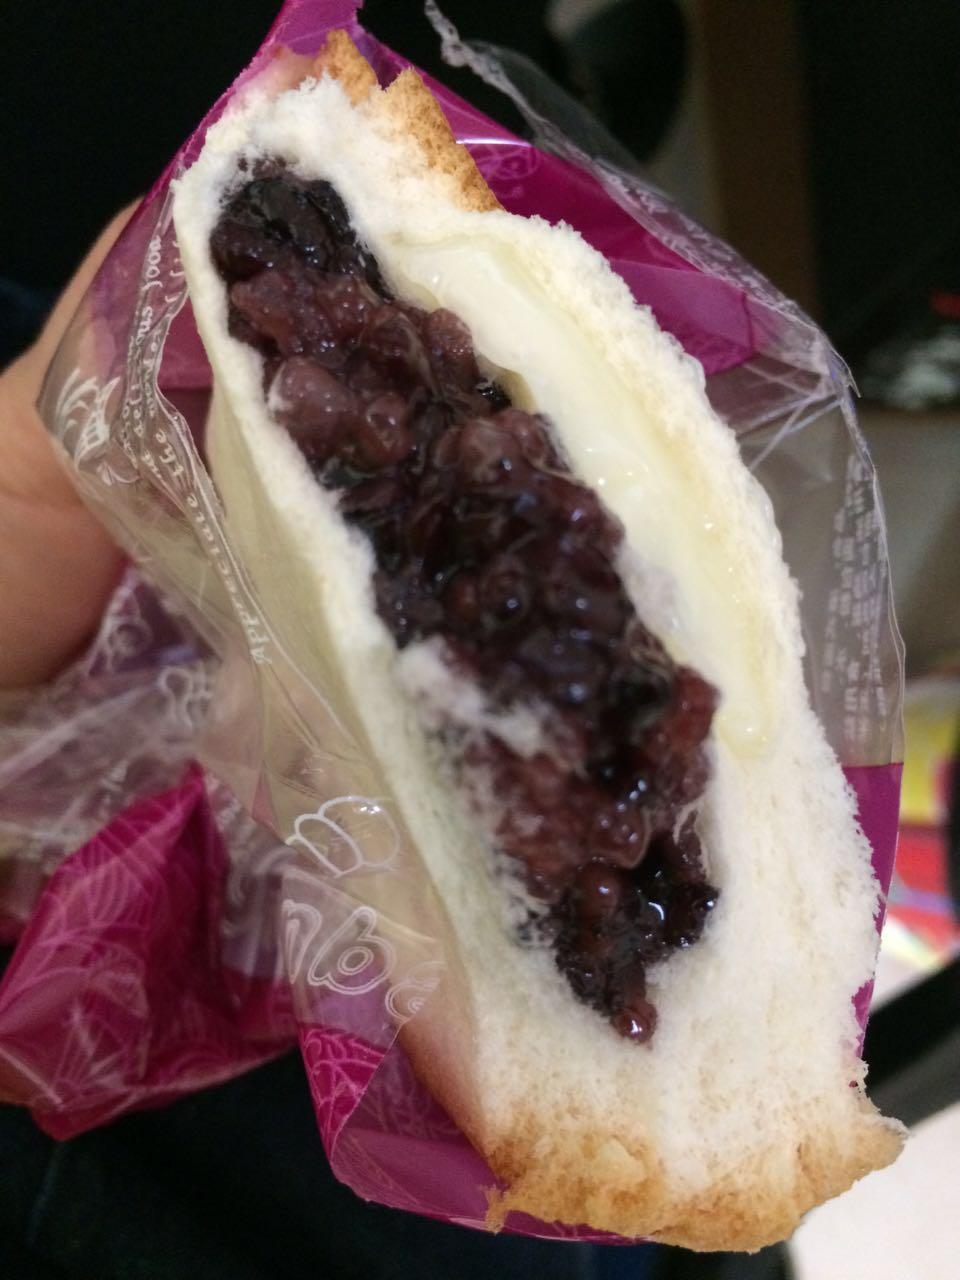 20个装紫米面包奶酪夹心面包 法式紫米面包沙拉吐司港式紫米面包